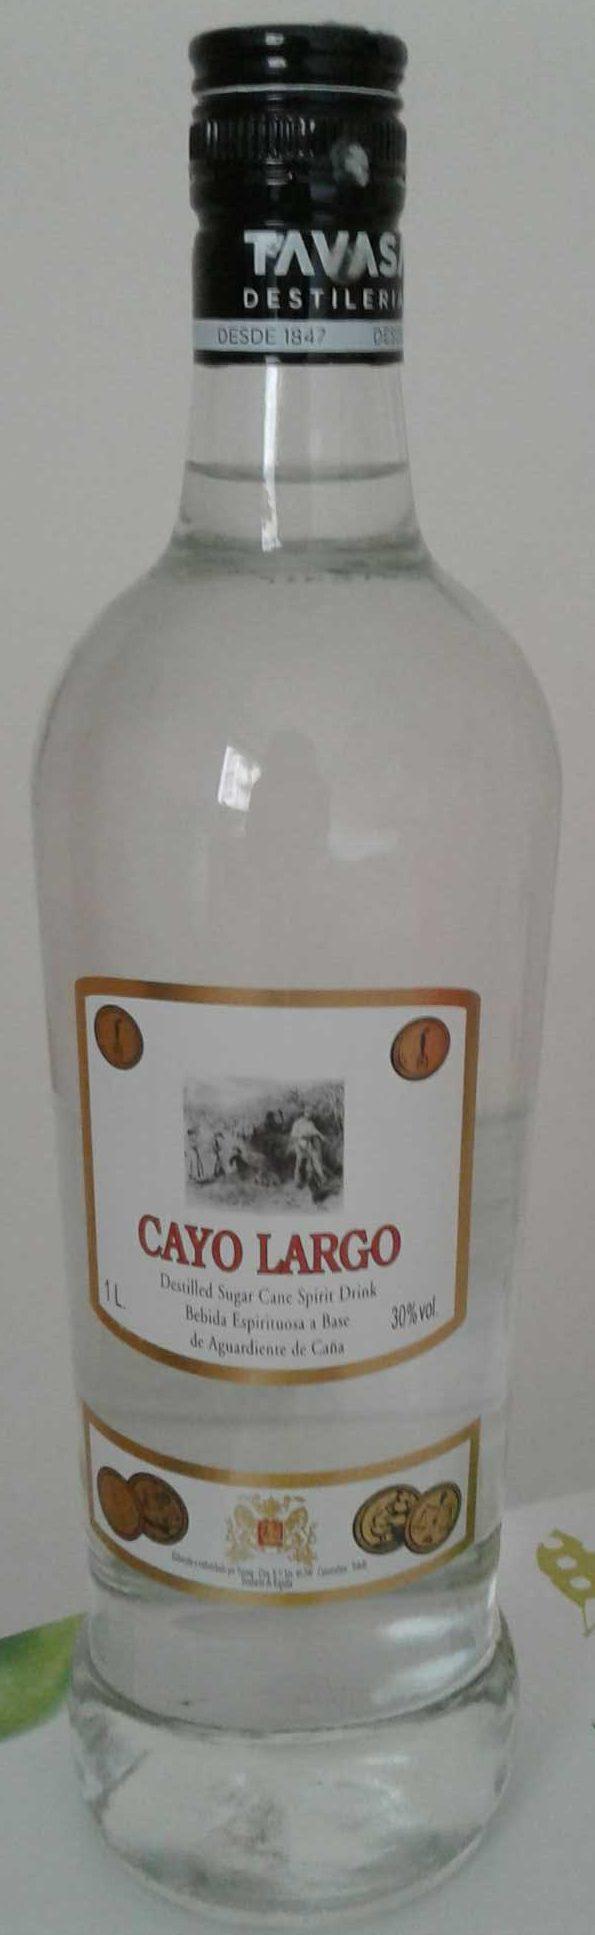 Cayo Largo - Product - fr